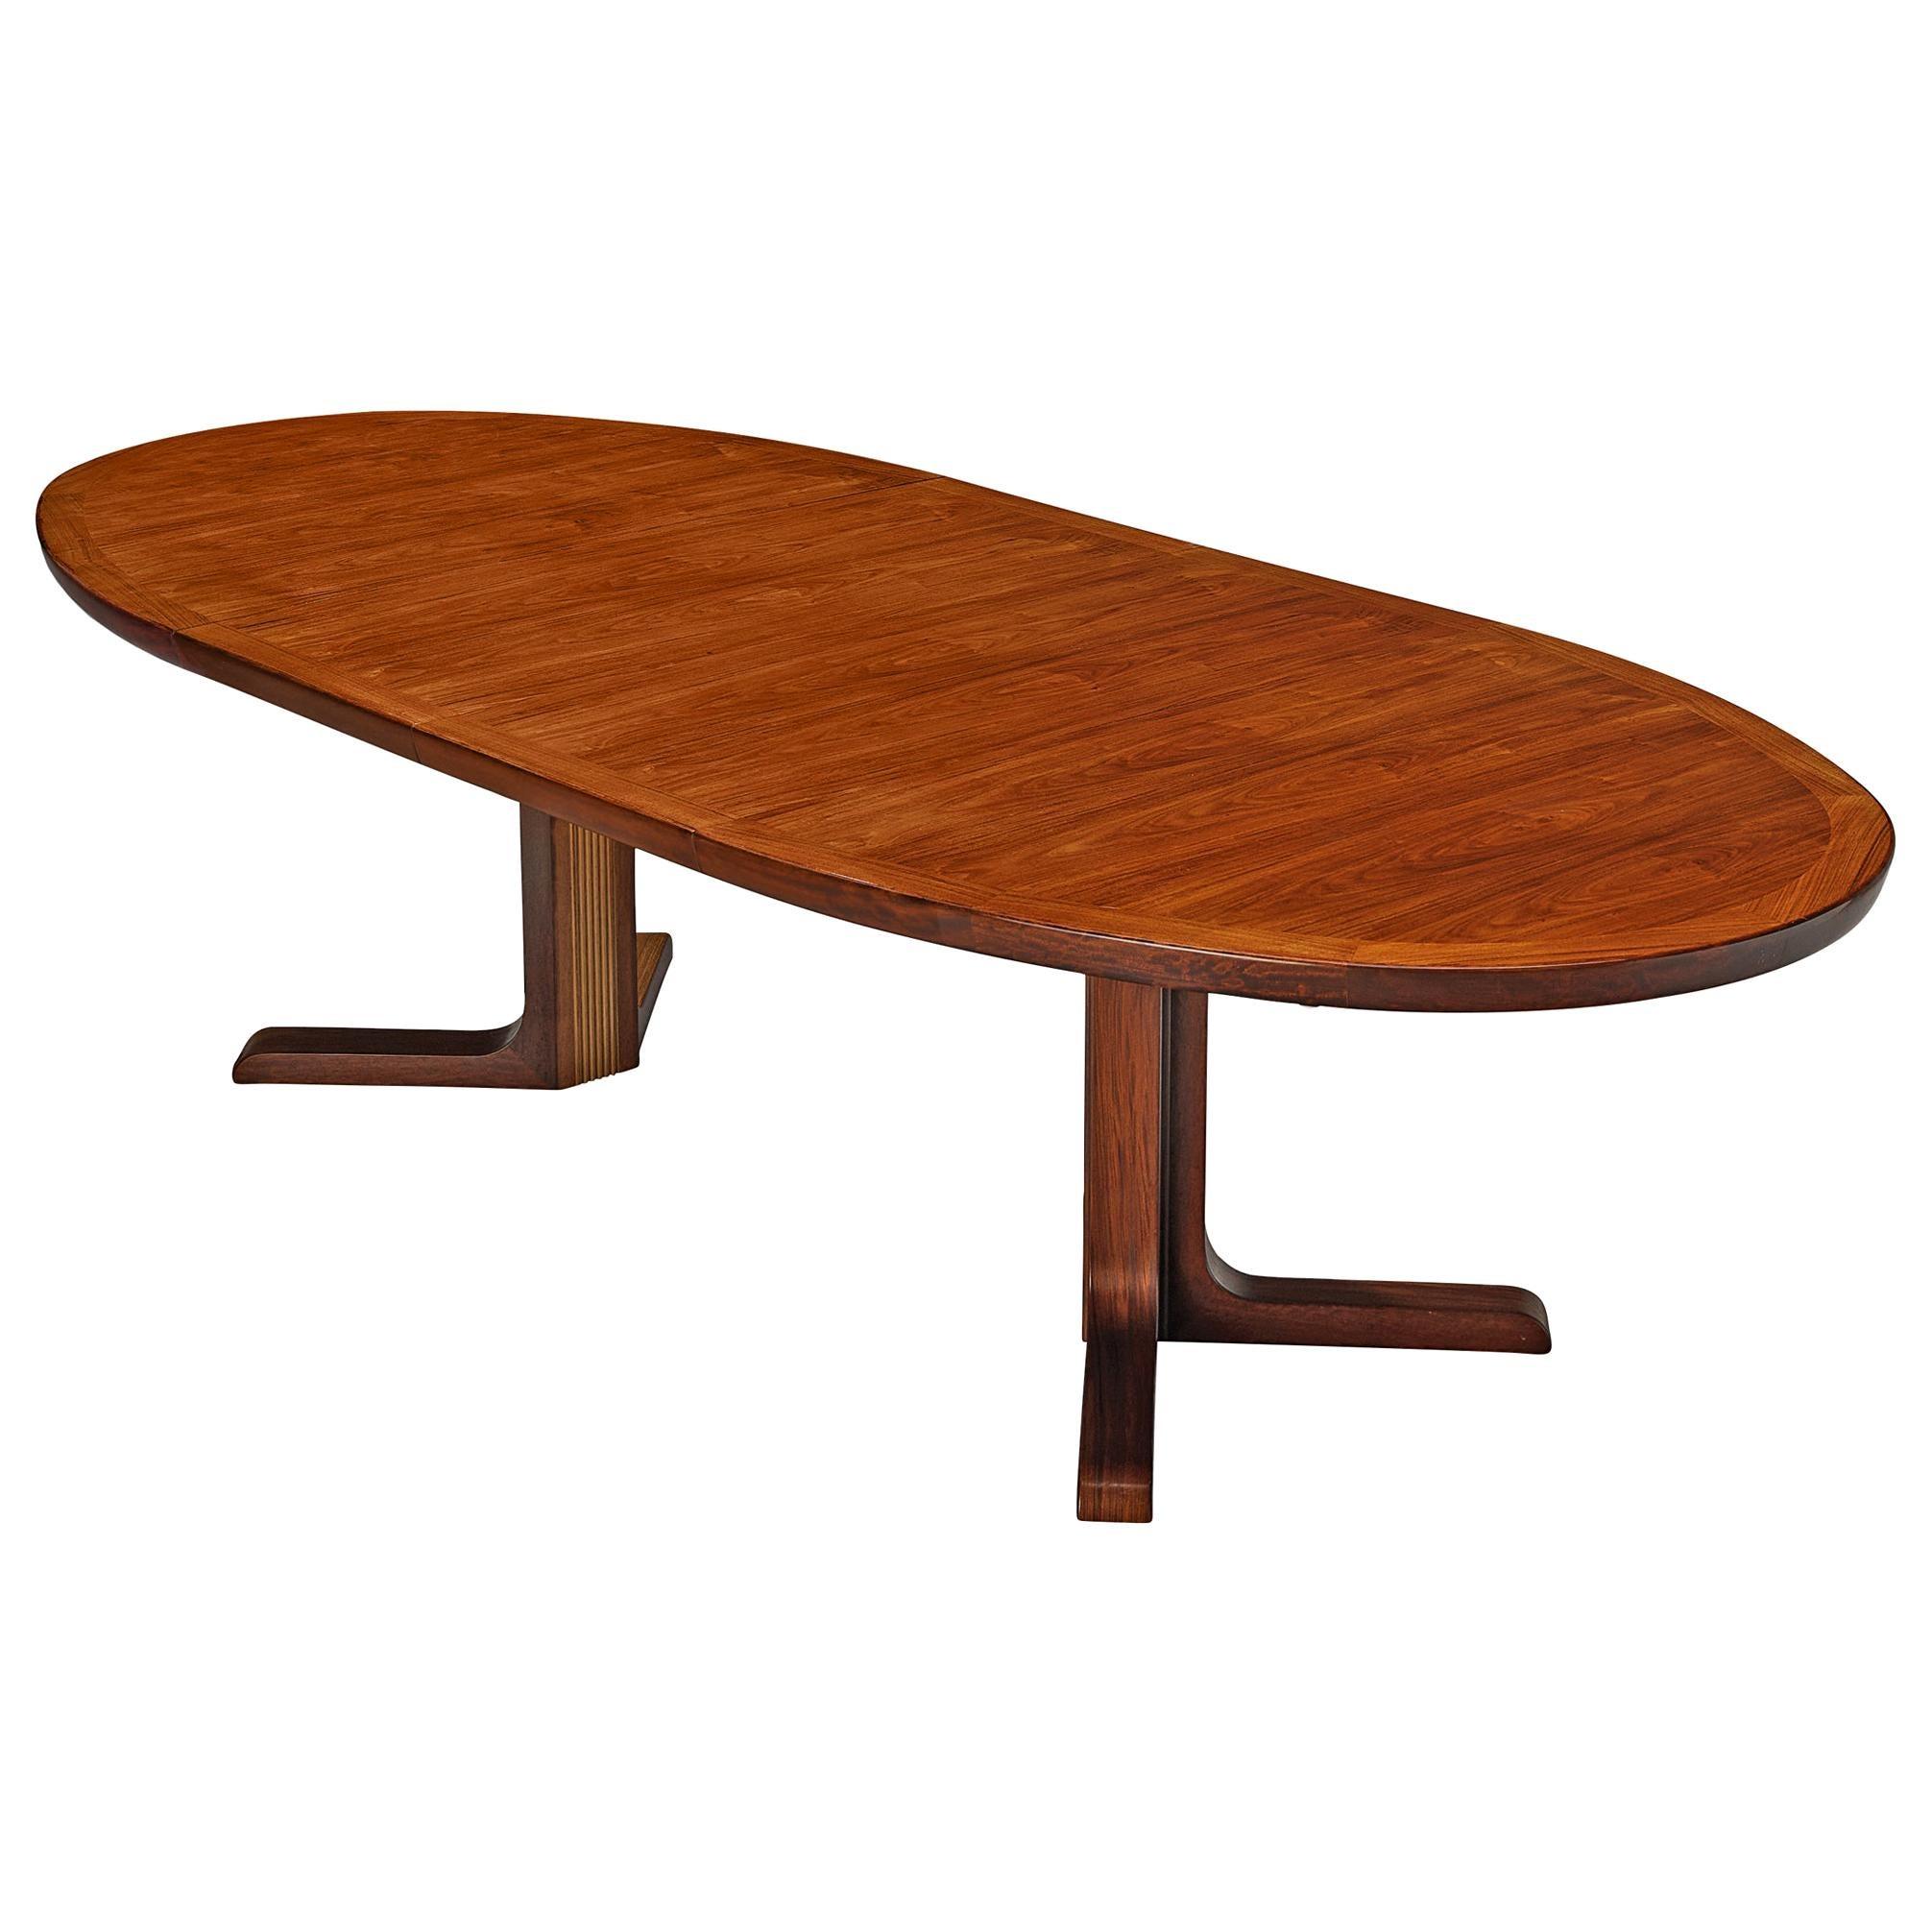 Extendable Danish Dining Tablein Teak